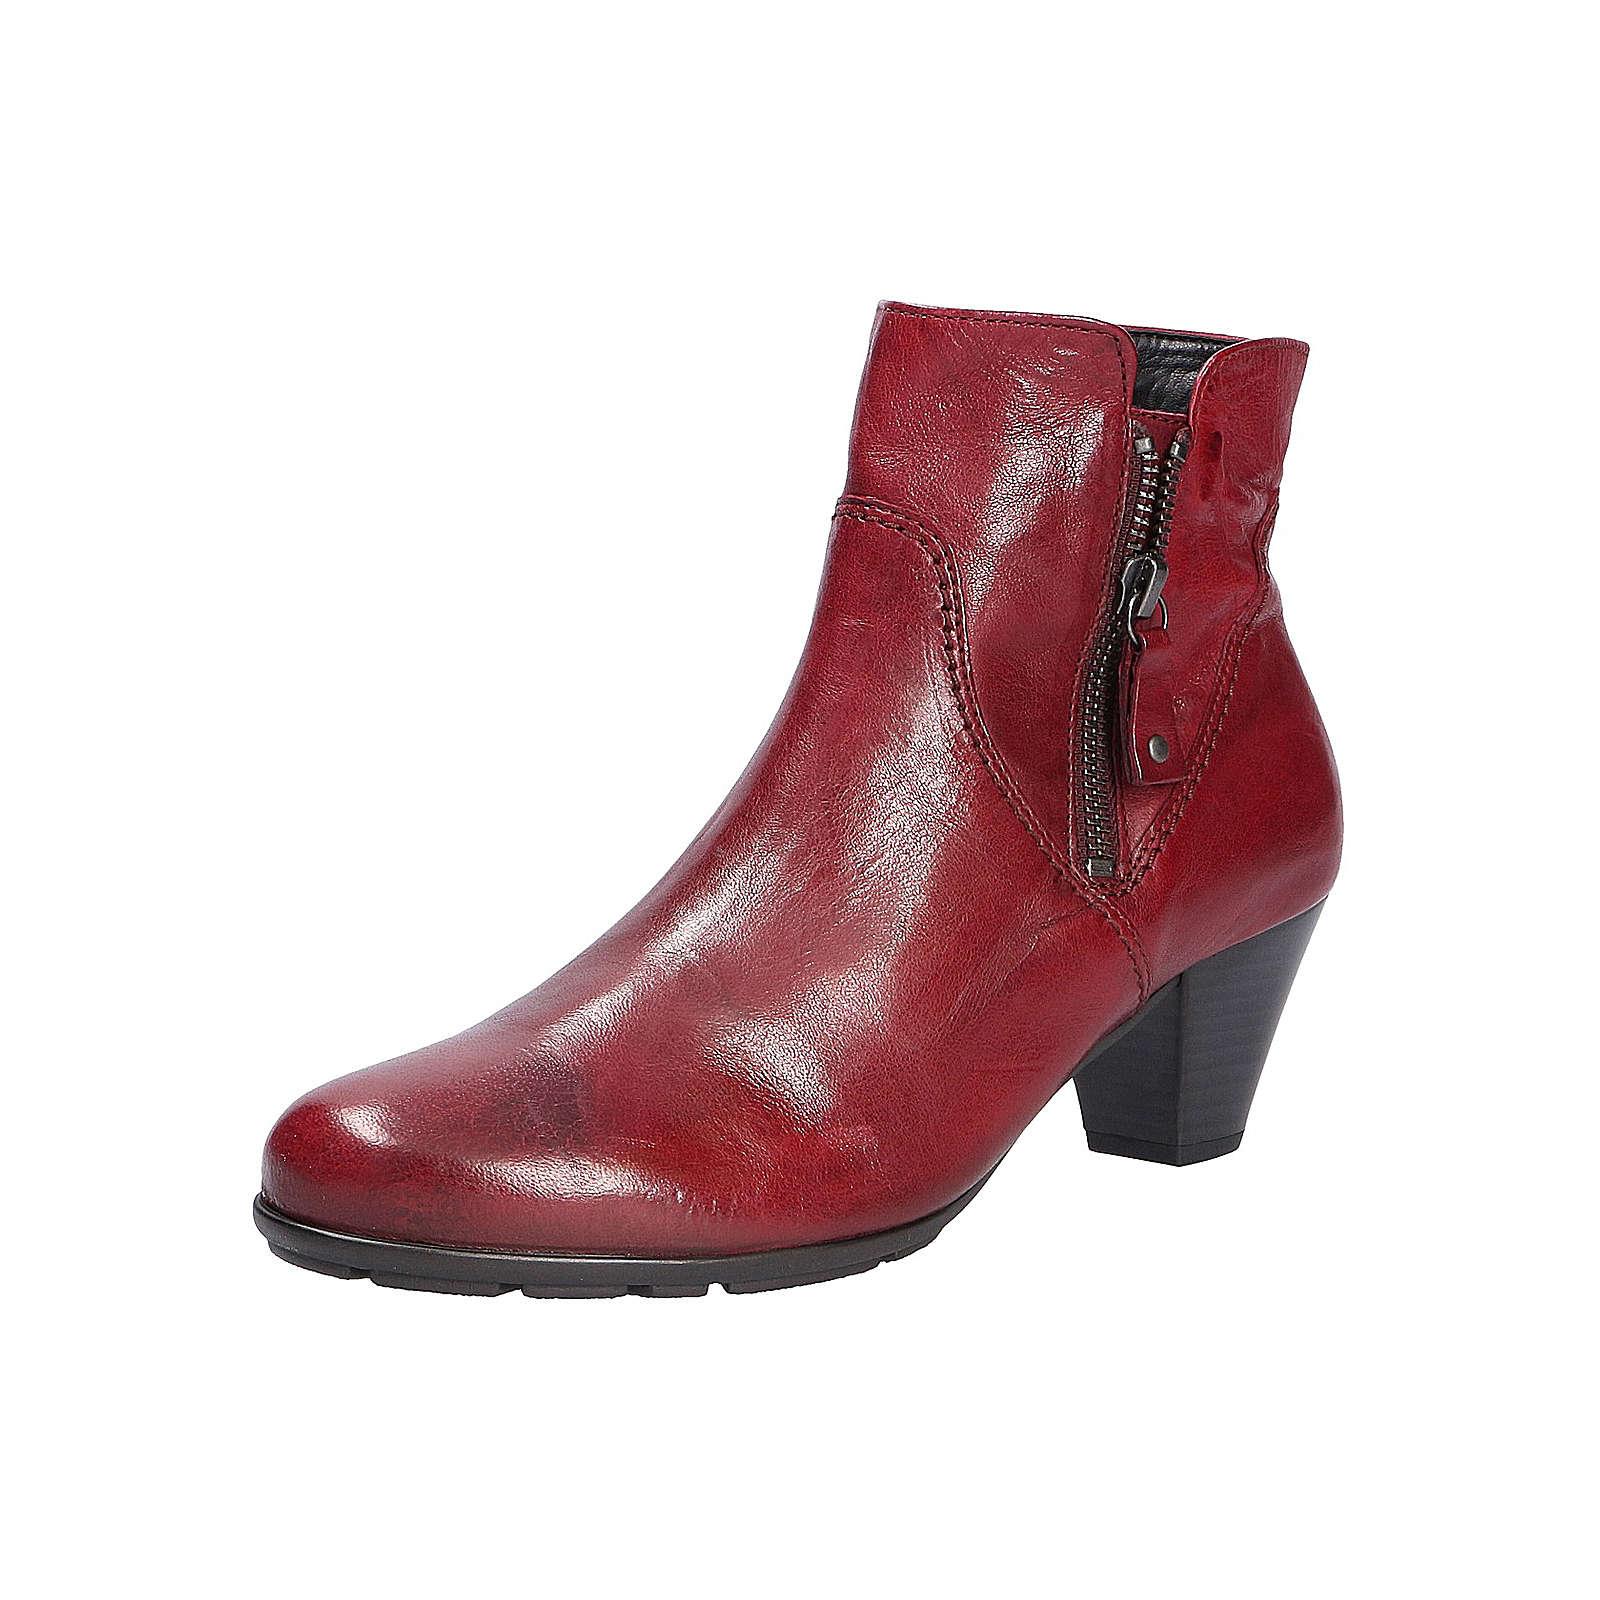 Gabor Fashion Stiefelette Klassische Stiefeletten rot Damen Gr. 37,5